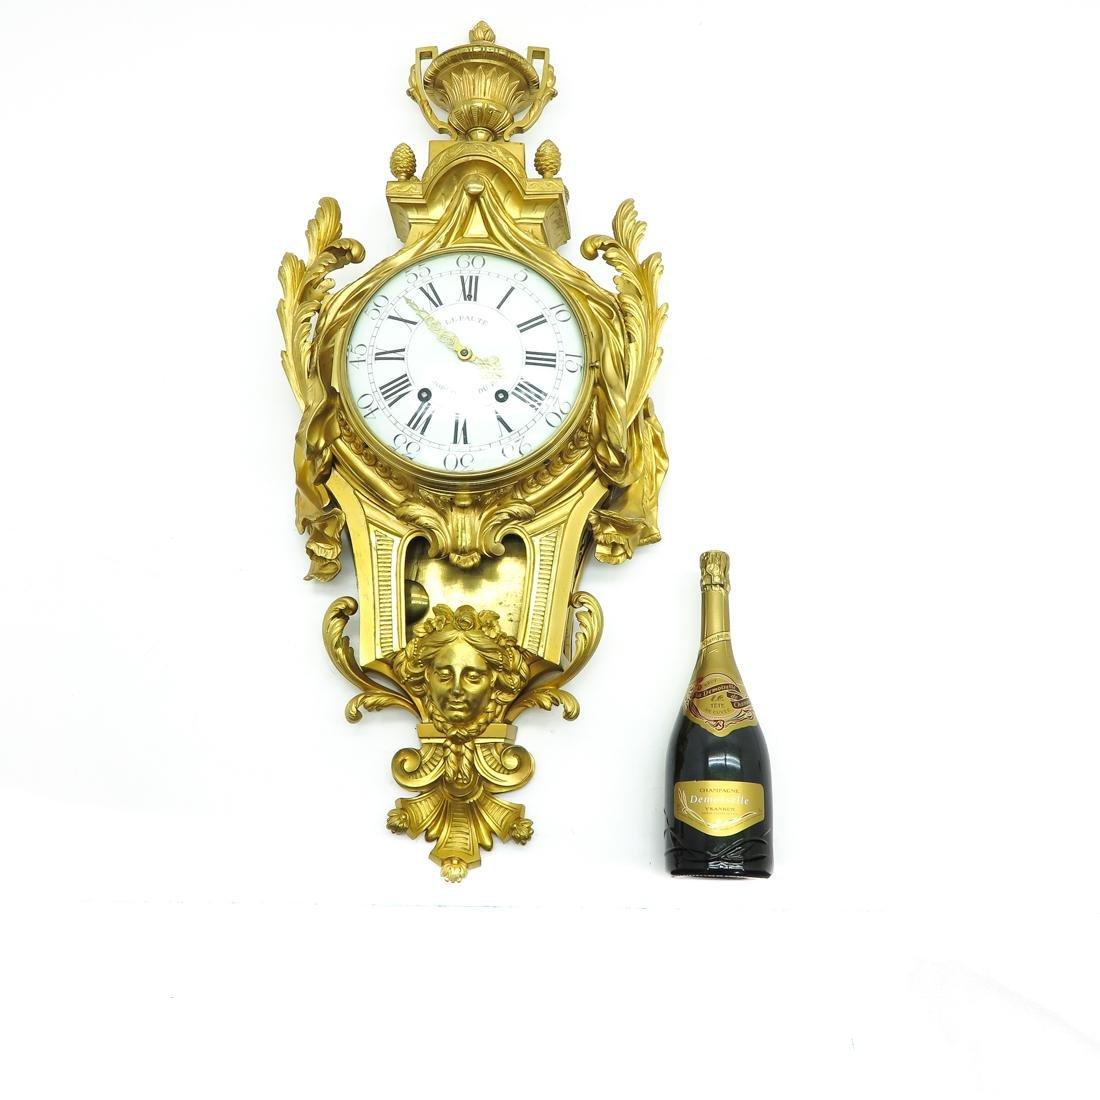 French Cartel Clock Signed Lepaute Horloger du Roi - 5